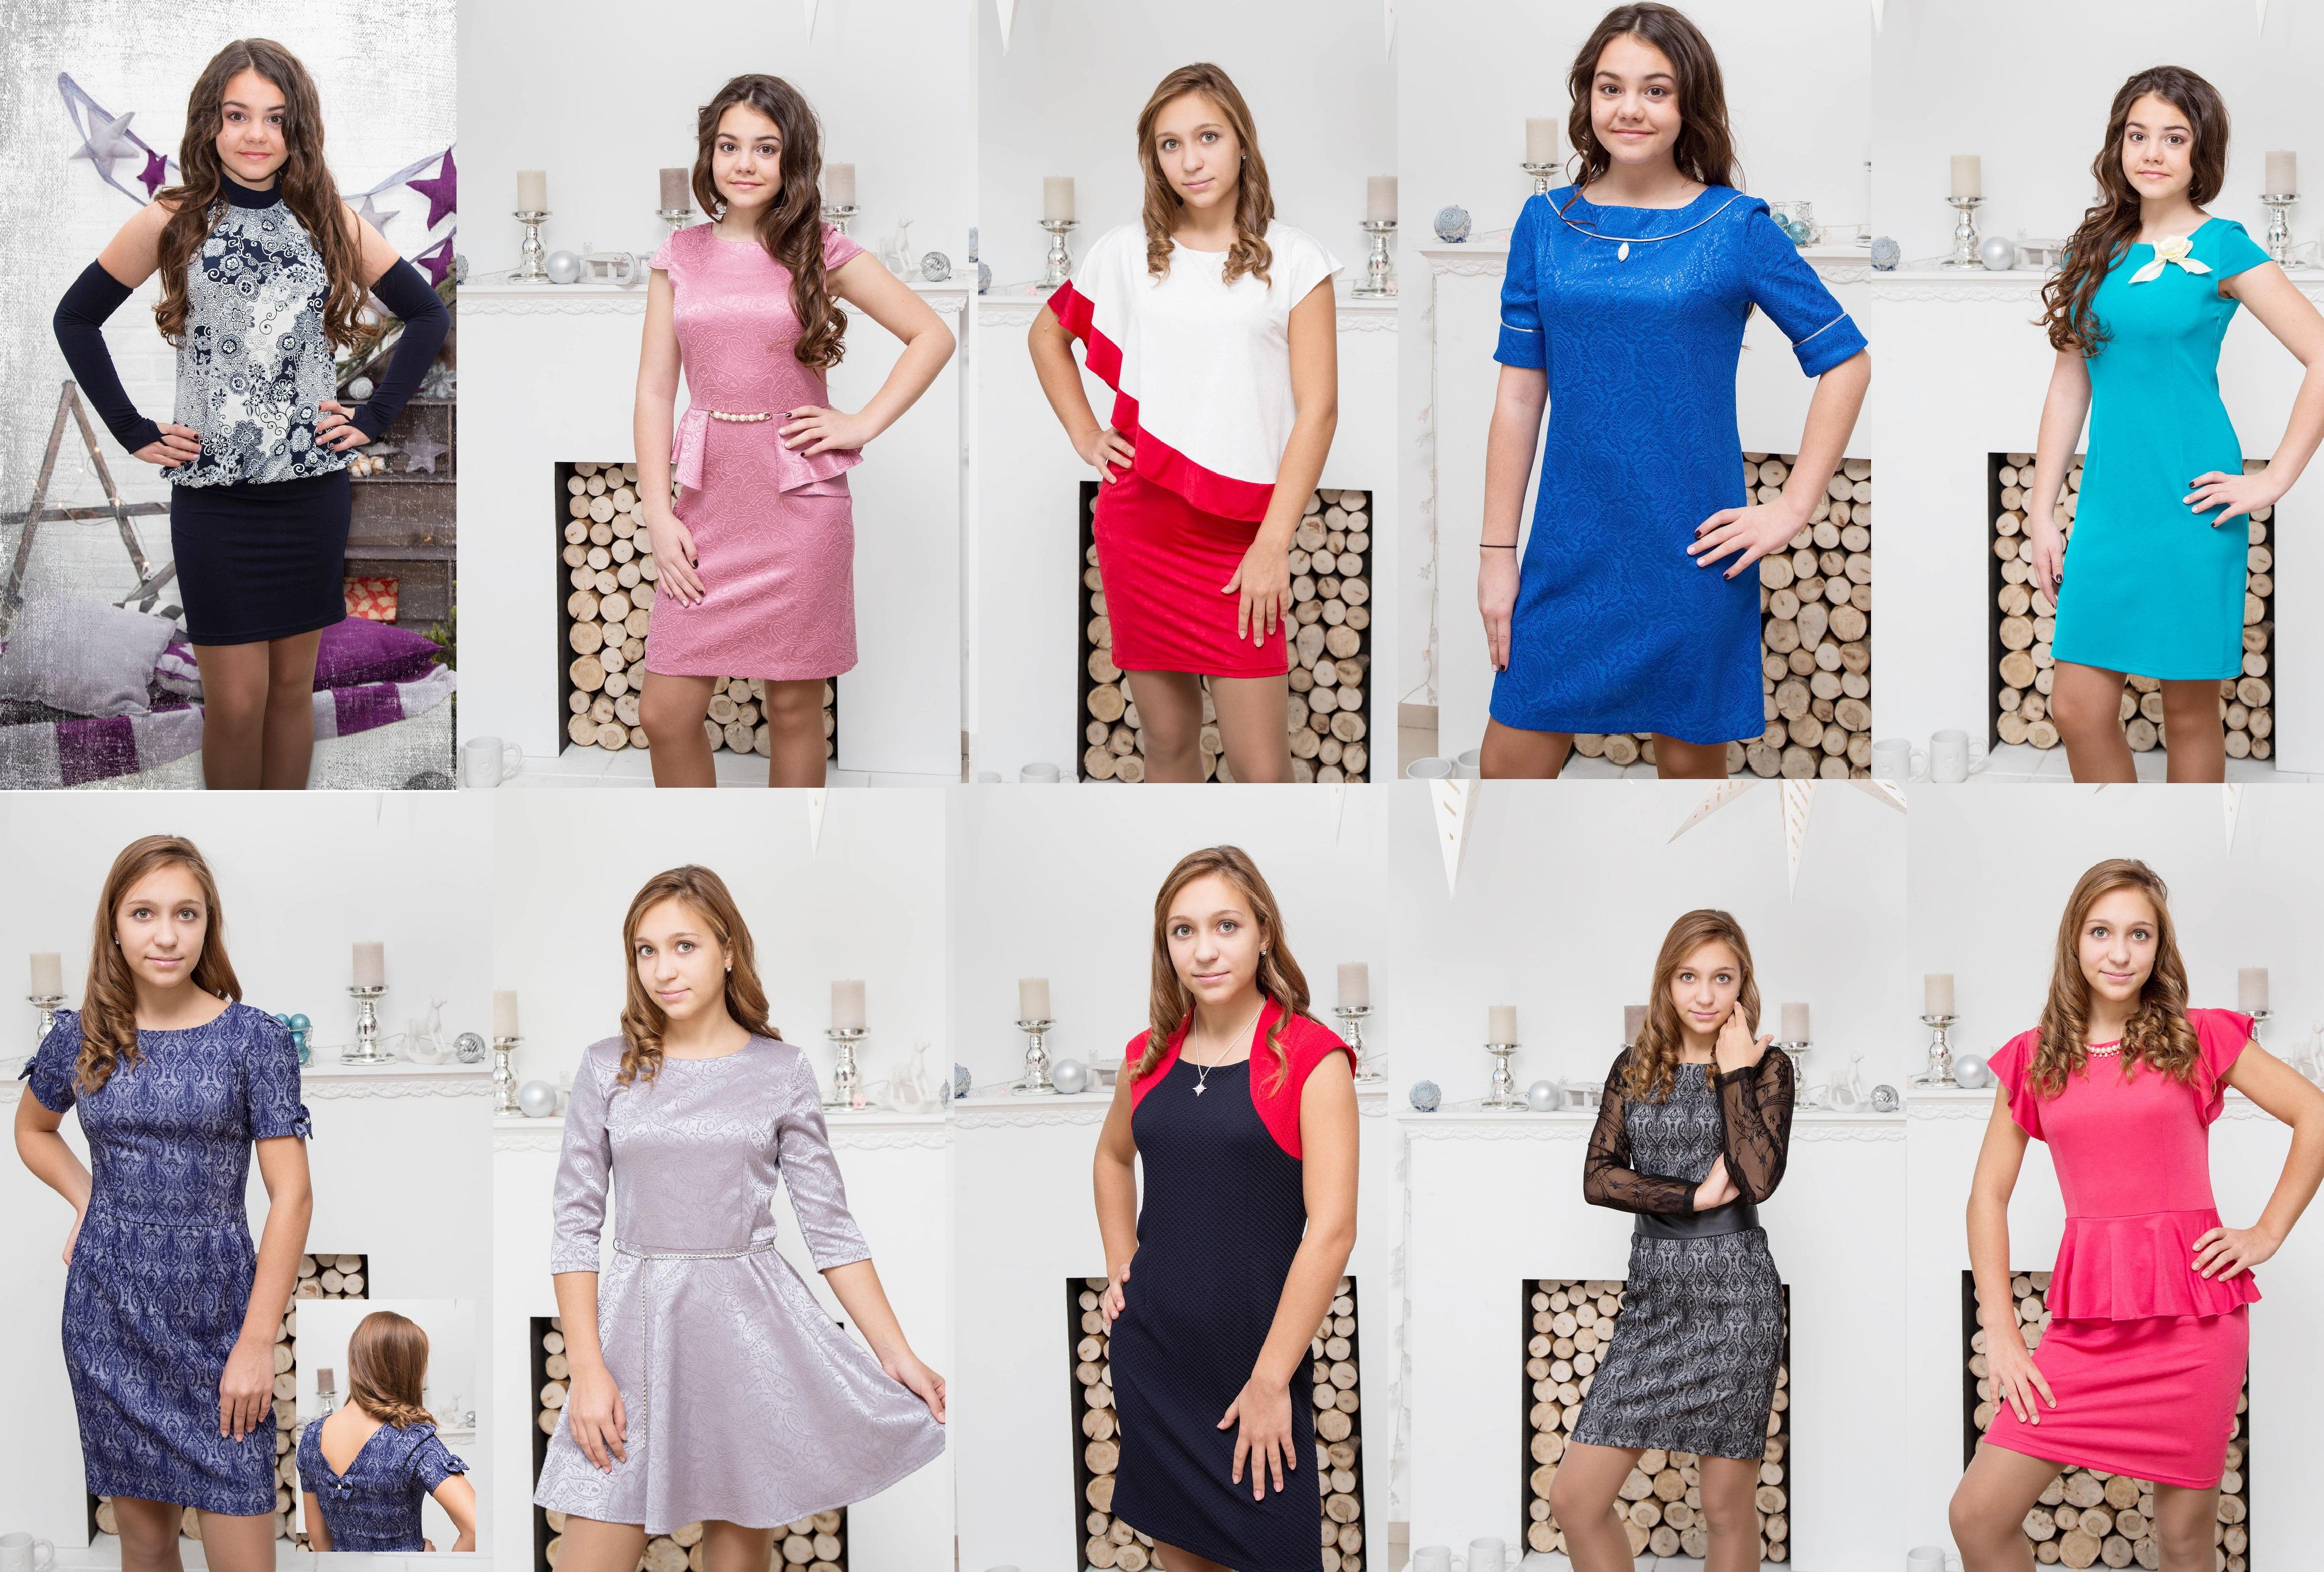 Нарядная коллекция и не только для самых модных и стильных девочек-подростков 4! Школа. Размерный ряд 128-164. Без рядов!